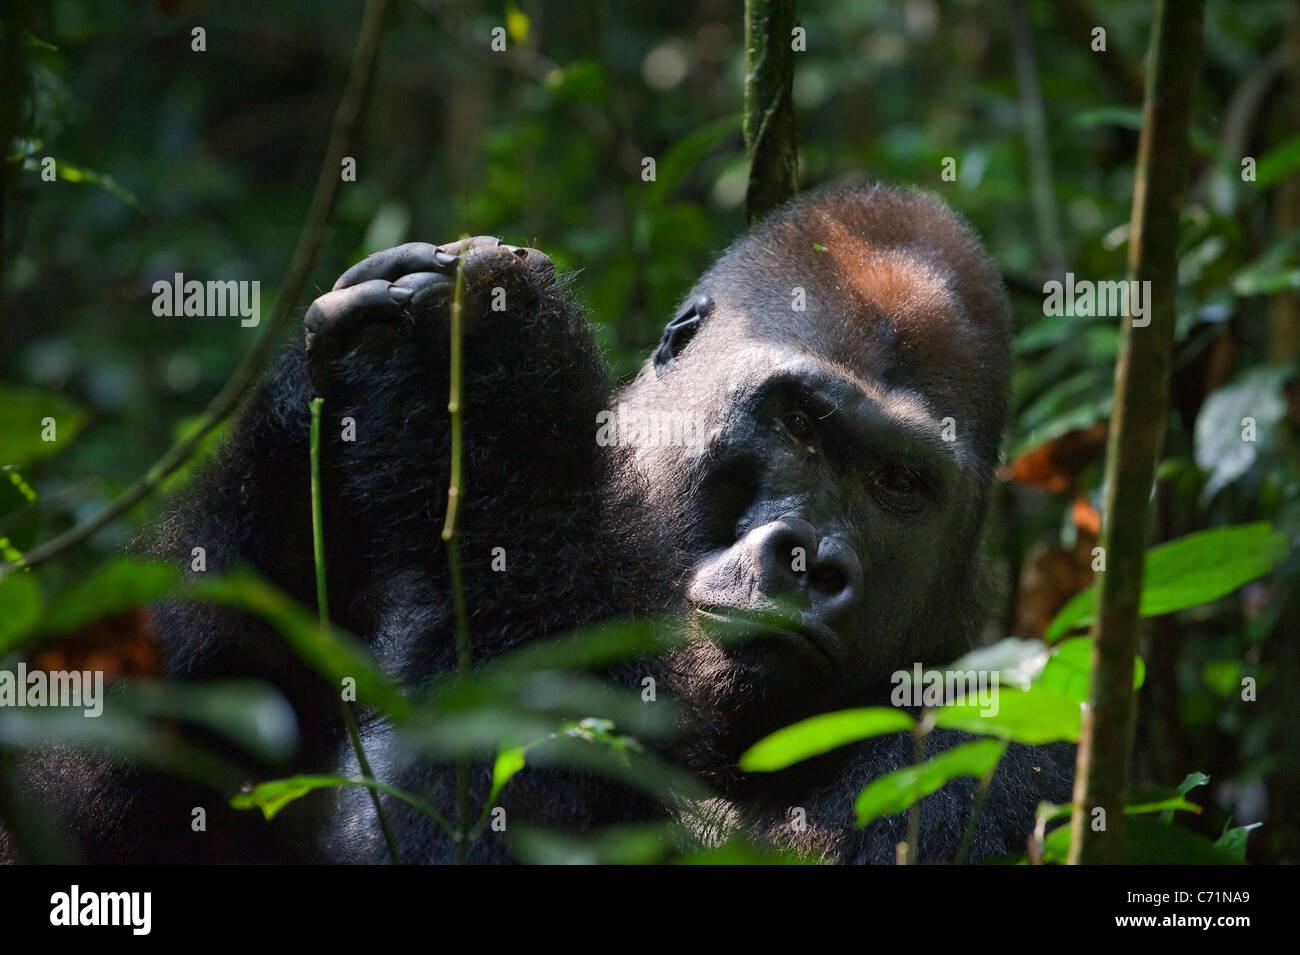 Silverback - maschio adulto di un gorilla.Western pianura gorilla. Immagini Stock